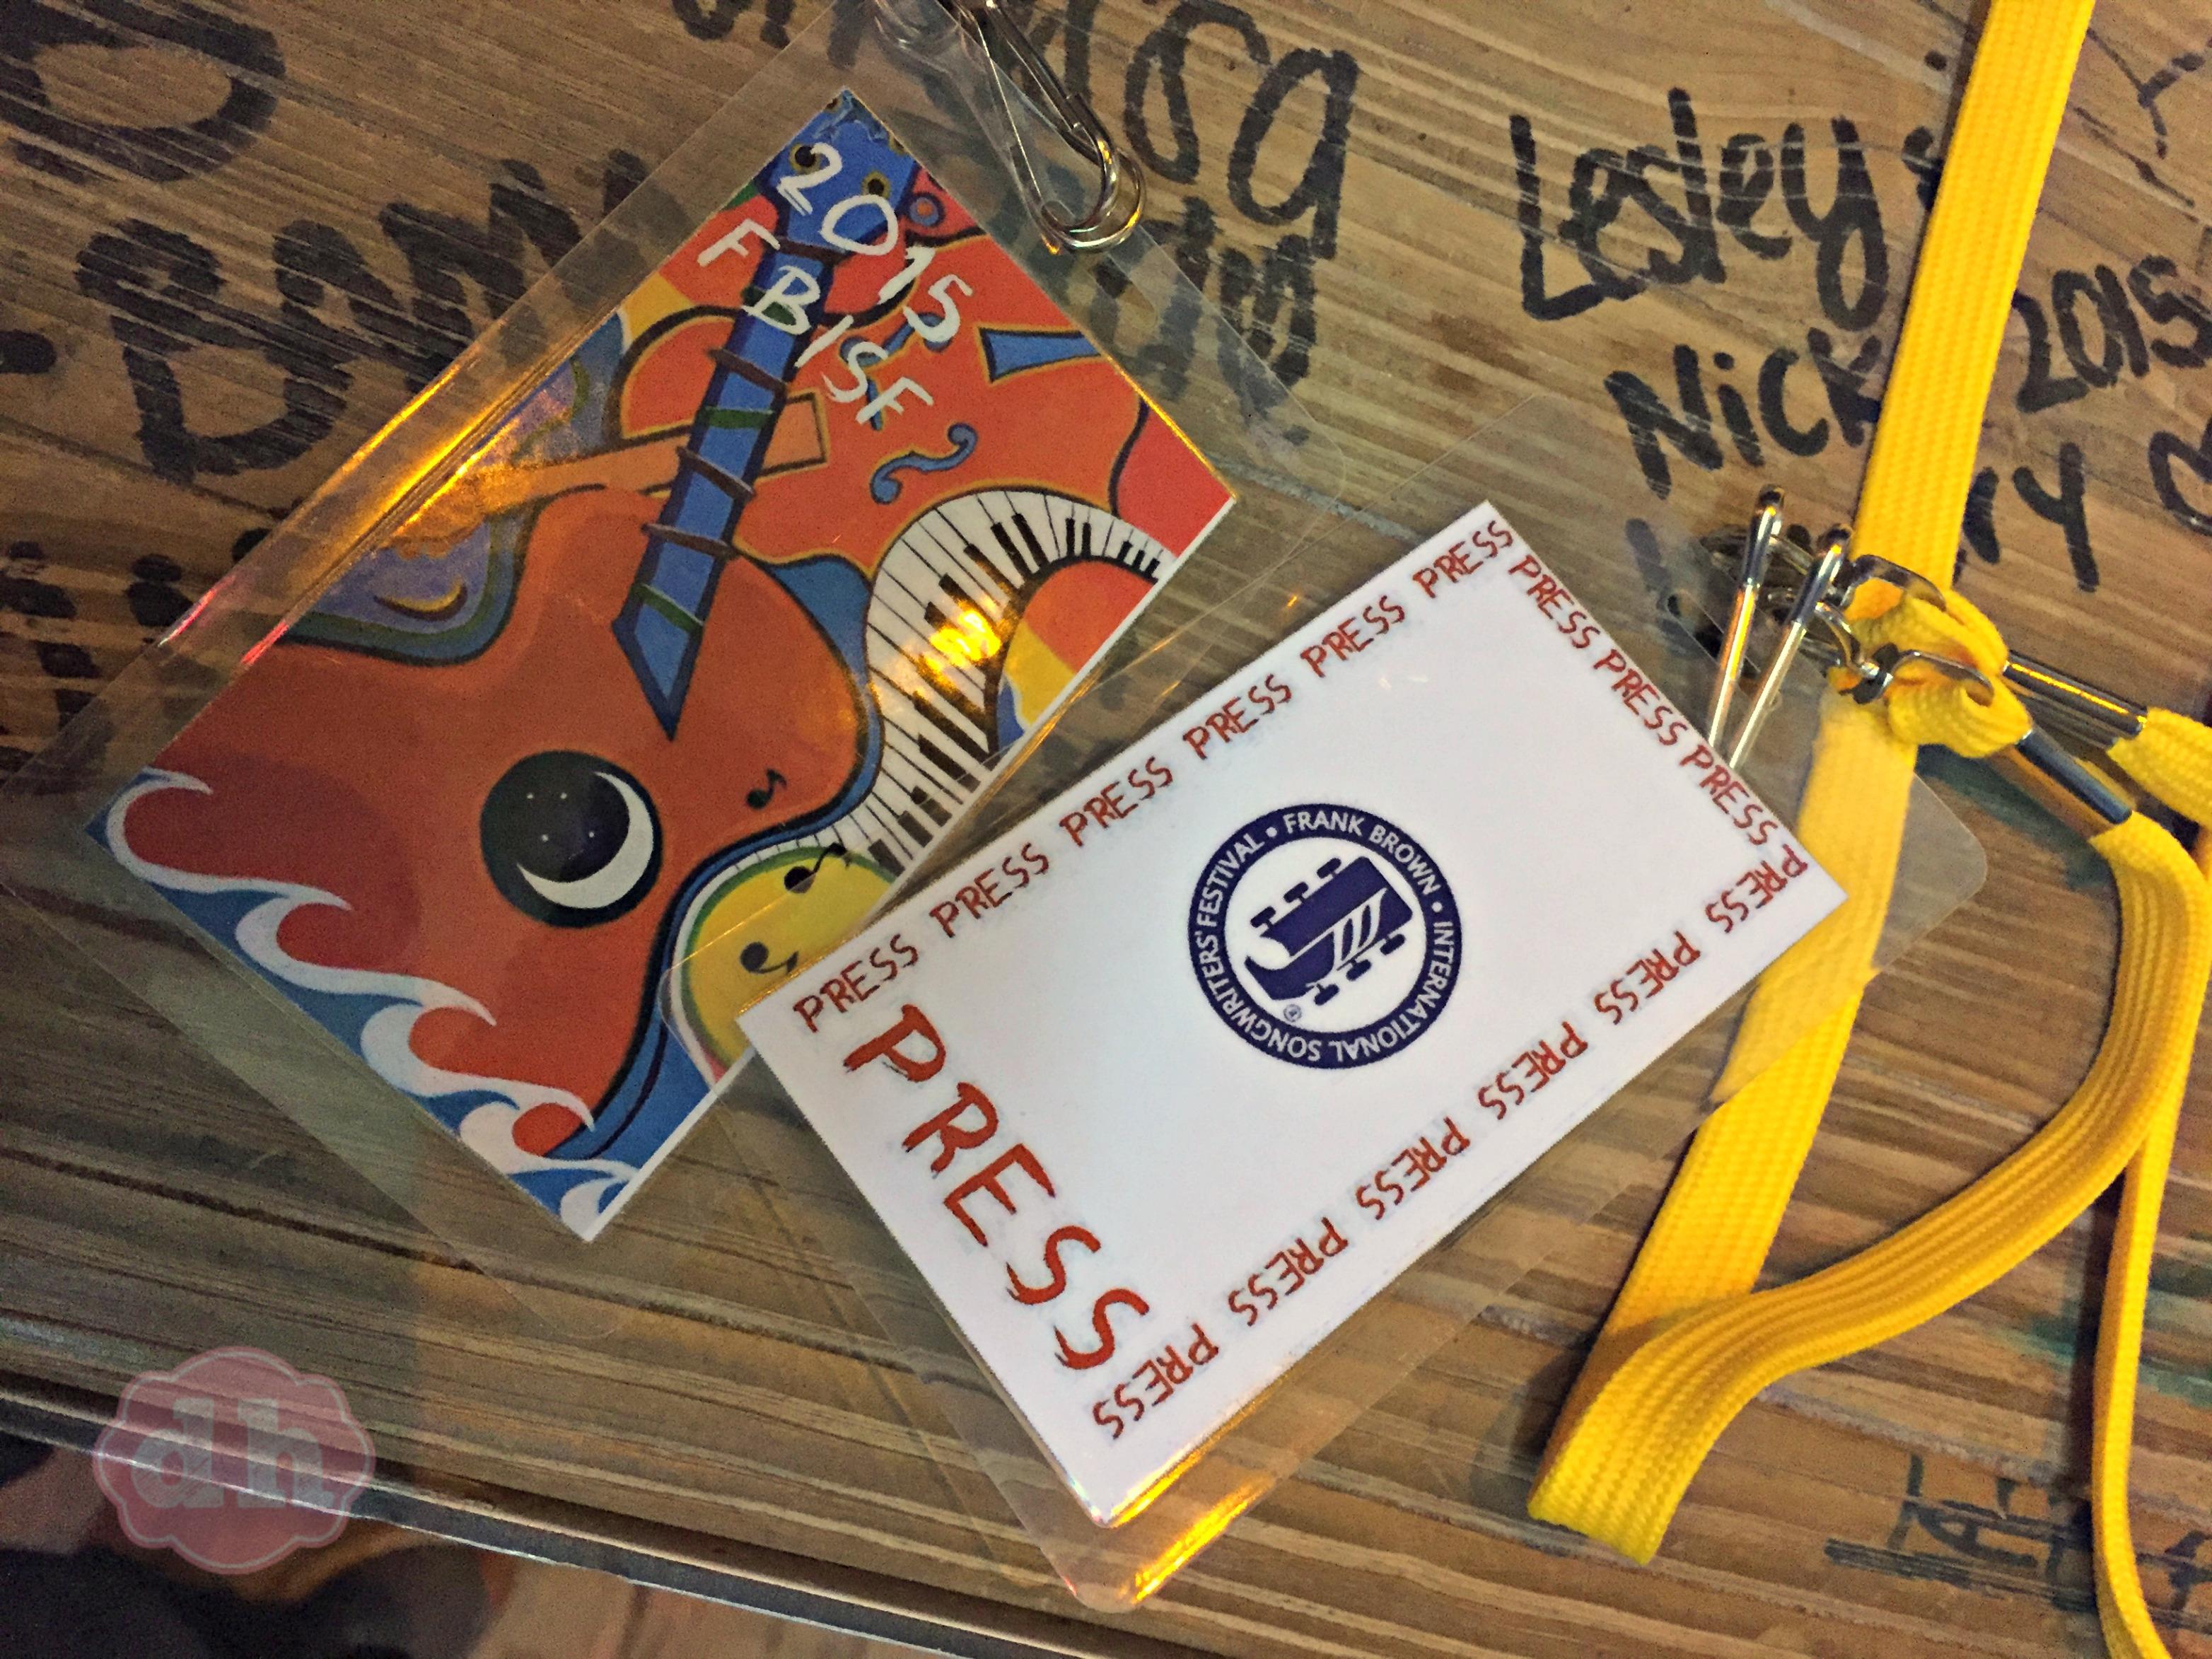 Flora-bama's International Songwriter's Festival